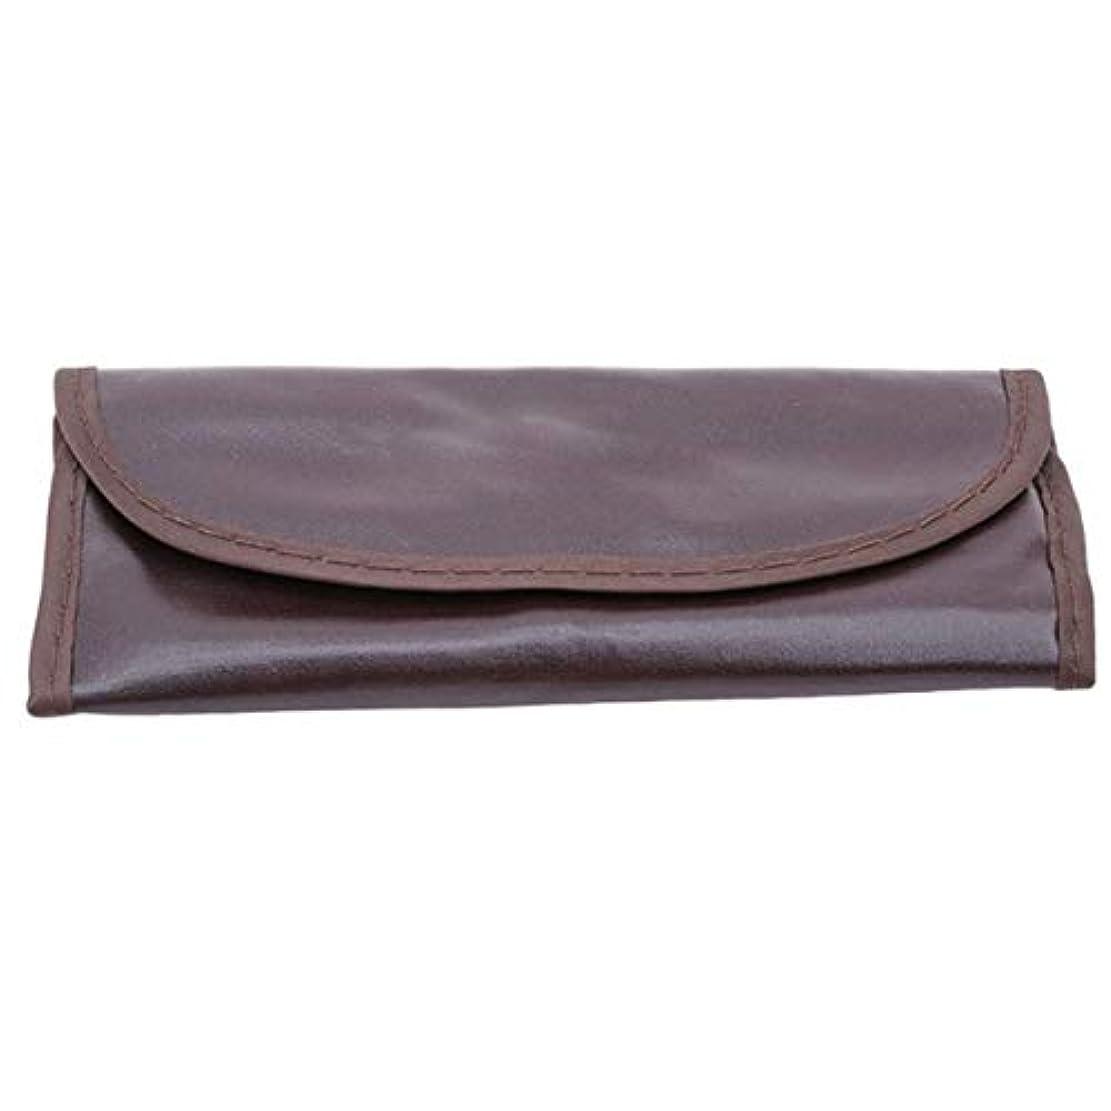 骨の折れるふざけたビリー1st market 化粧品のBagblackが付いている耐久の7Pcs柔らかいアイシャドウの唇の化粧筆